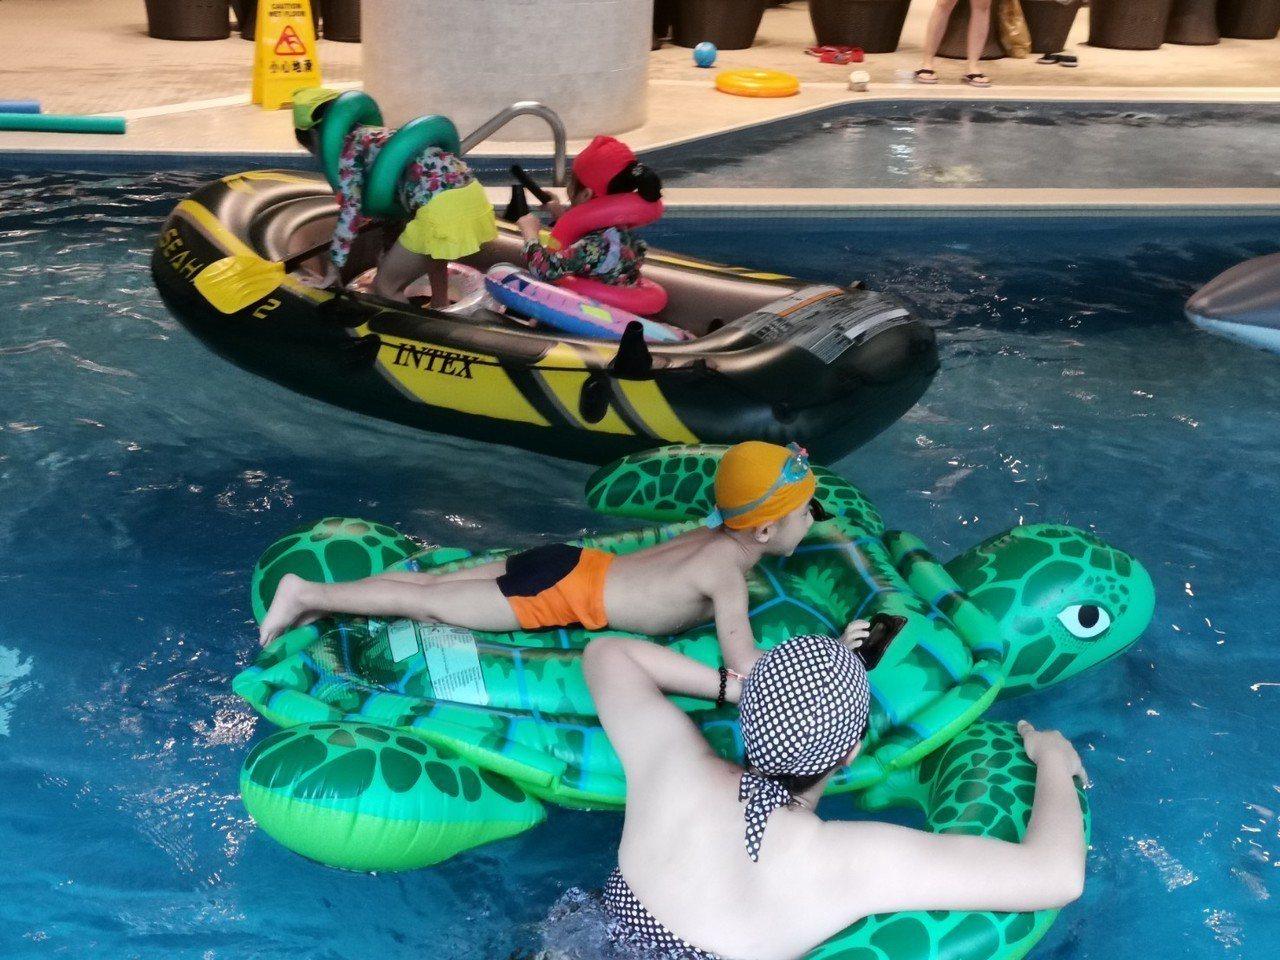 北投亞太飯店的游泳池每日下午4點之後,就進入親子水上大作戰時間,飯店提供各種造型...